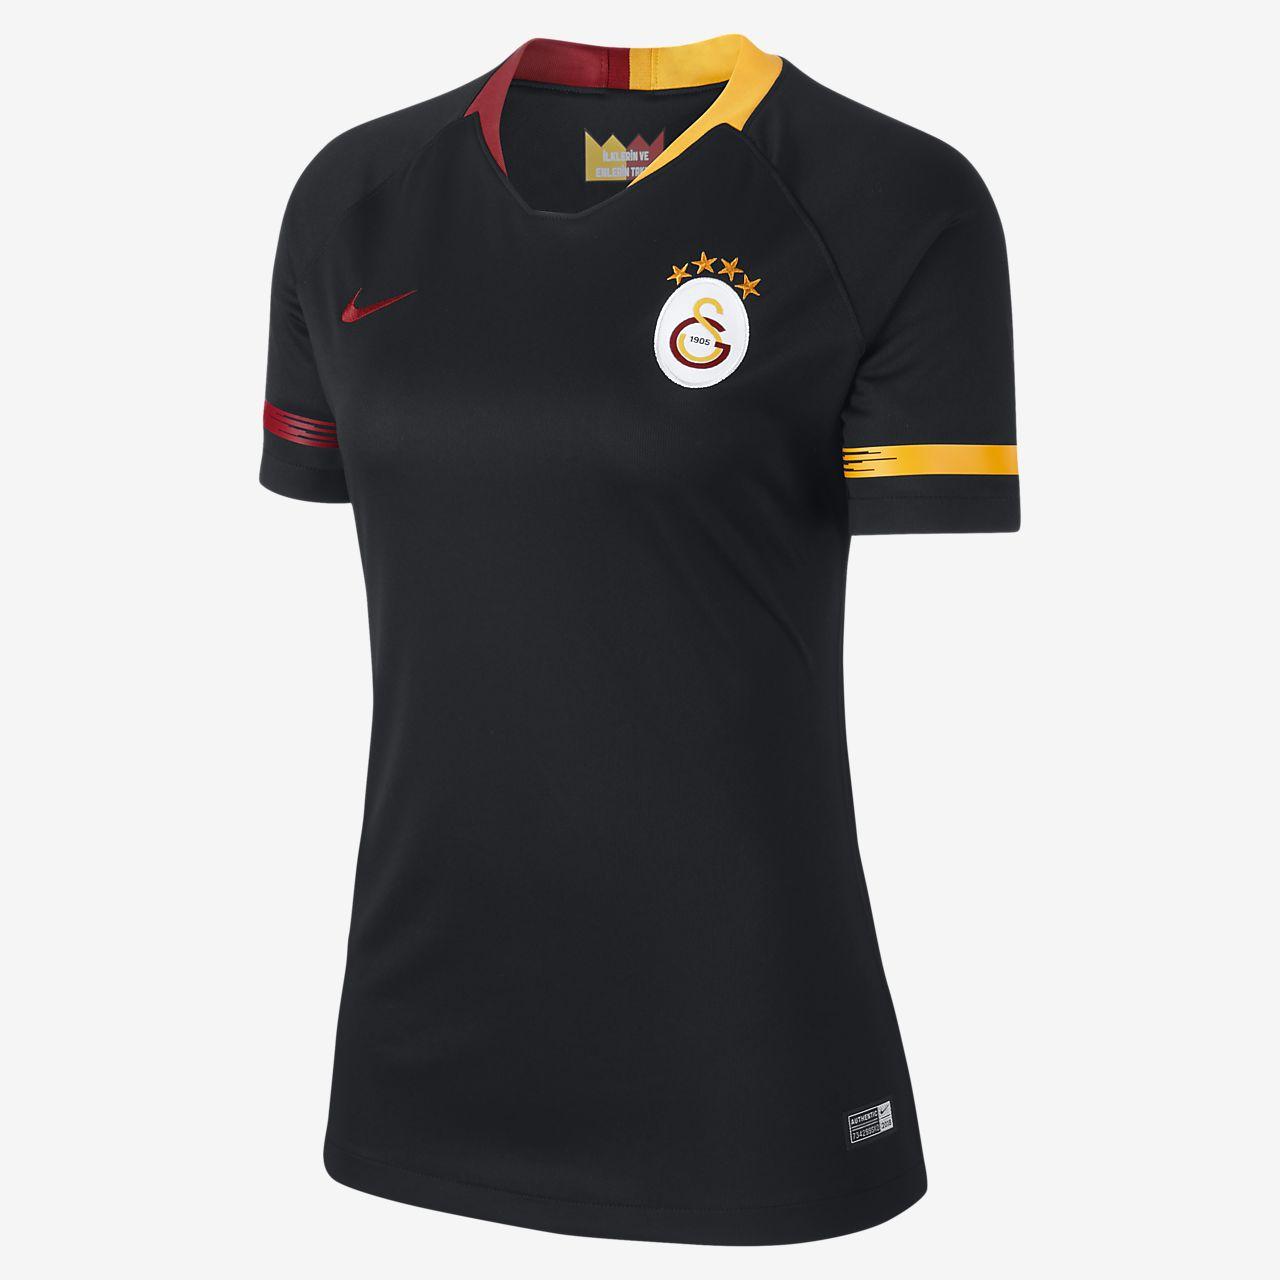 Γυναικεία ποδοσφαιρική φανέλα 2018/19 Galatasaray S.K. Stadium Away